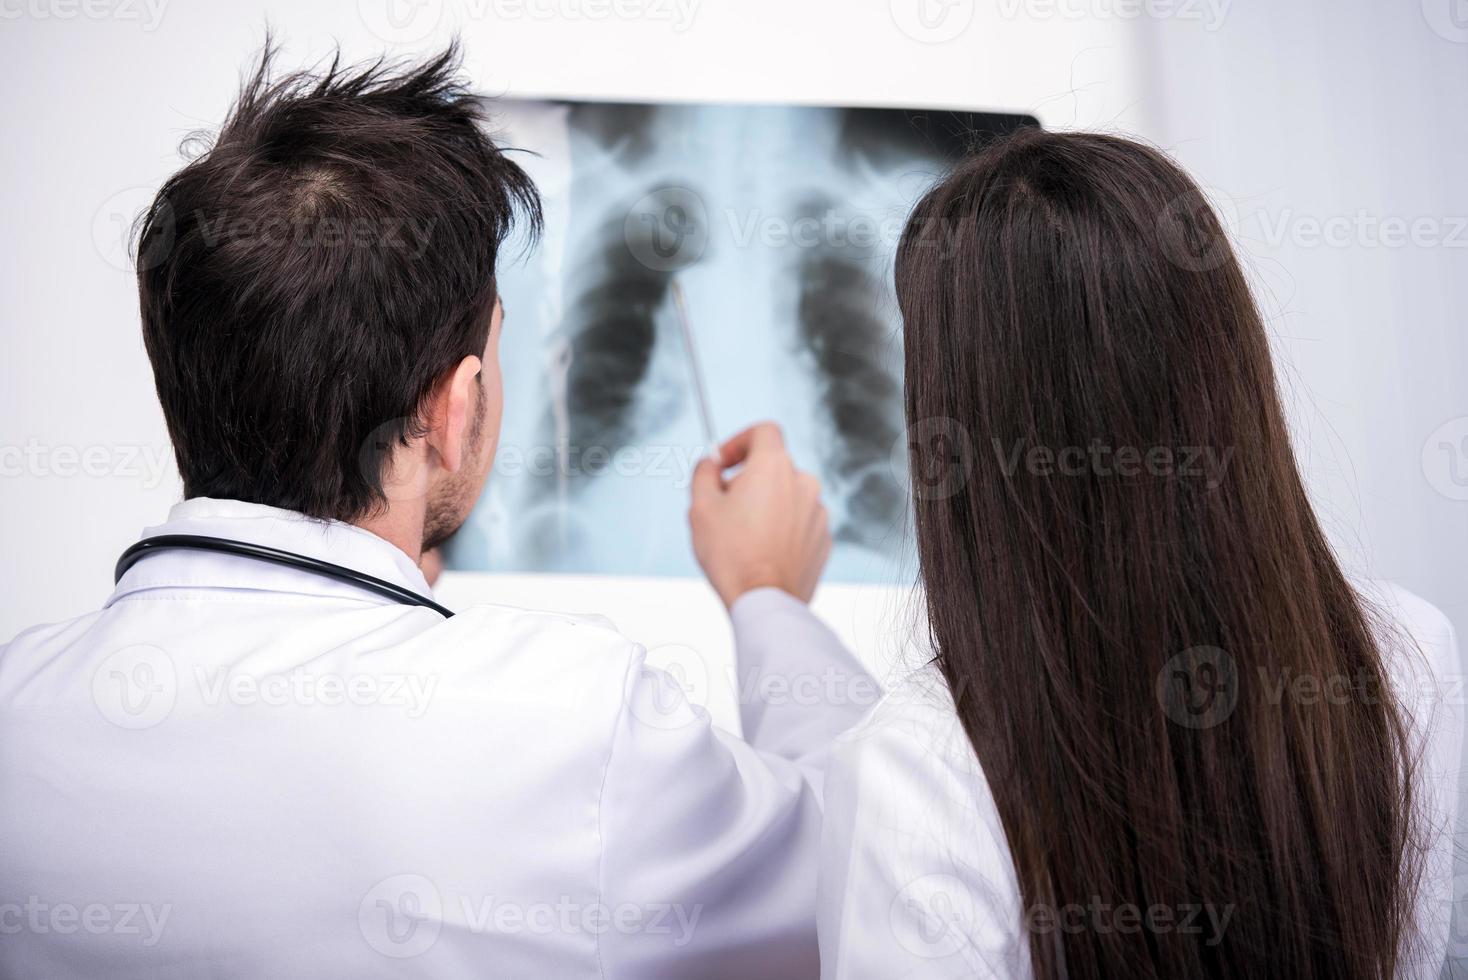 medicinsk foto